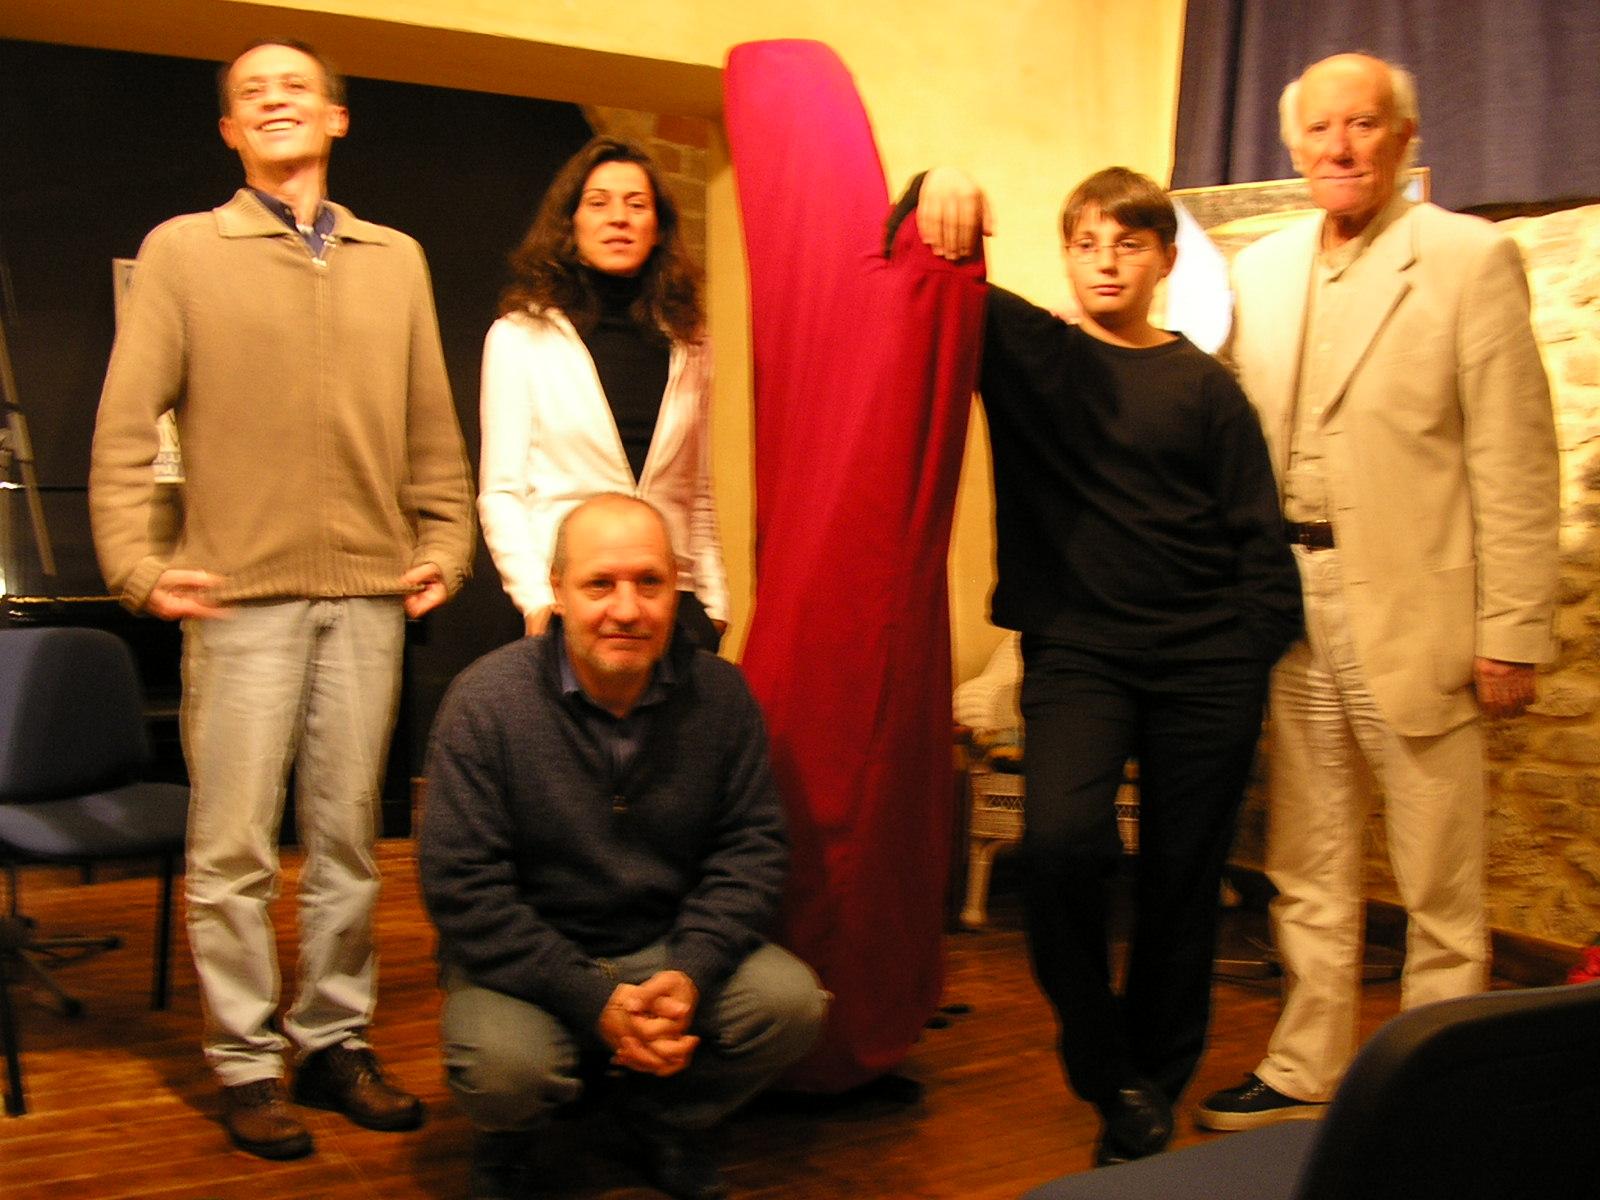 M. Boldrini, B. Mancini,k.Cardinali, E.Teodori, G. Giganti